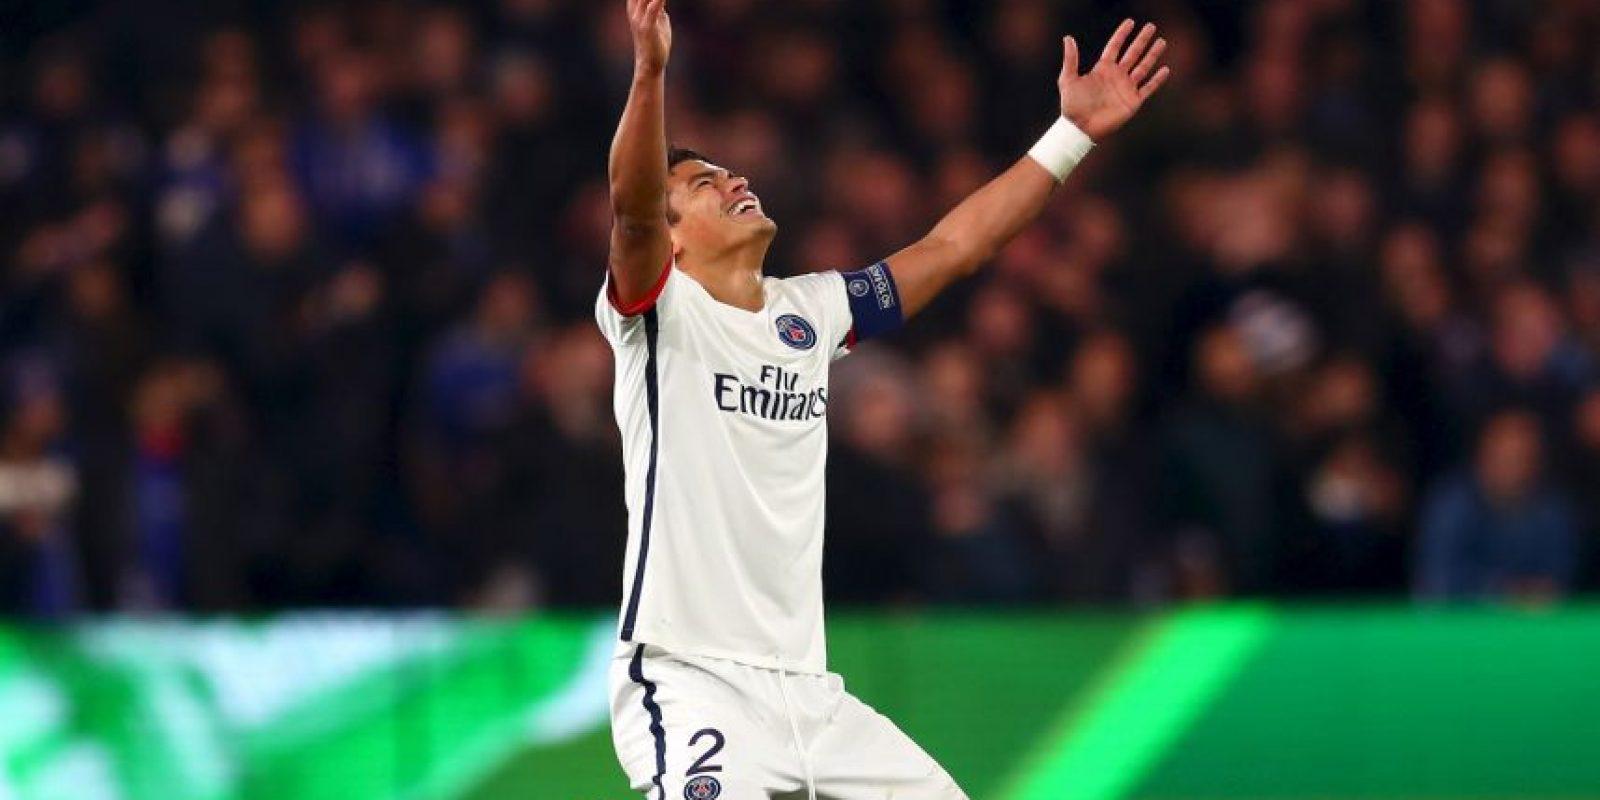 Thiago Silva. El defensa alcanzó un valor de 40 millones de euros. Ahora solo cuesta 16 millones Foto:Getty Images